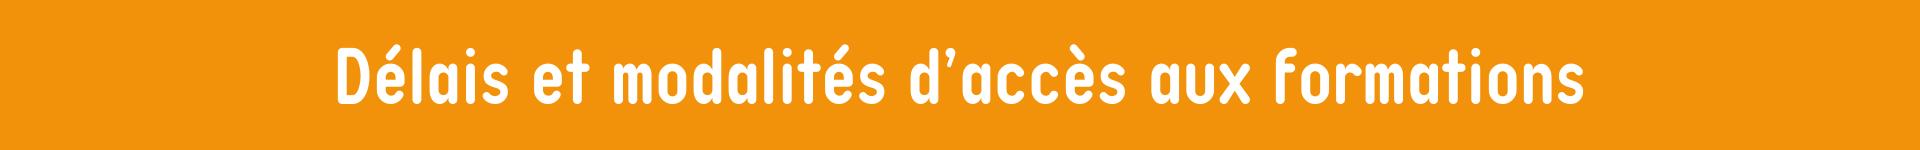 Modalité_accès_formation_Altitude